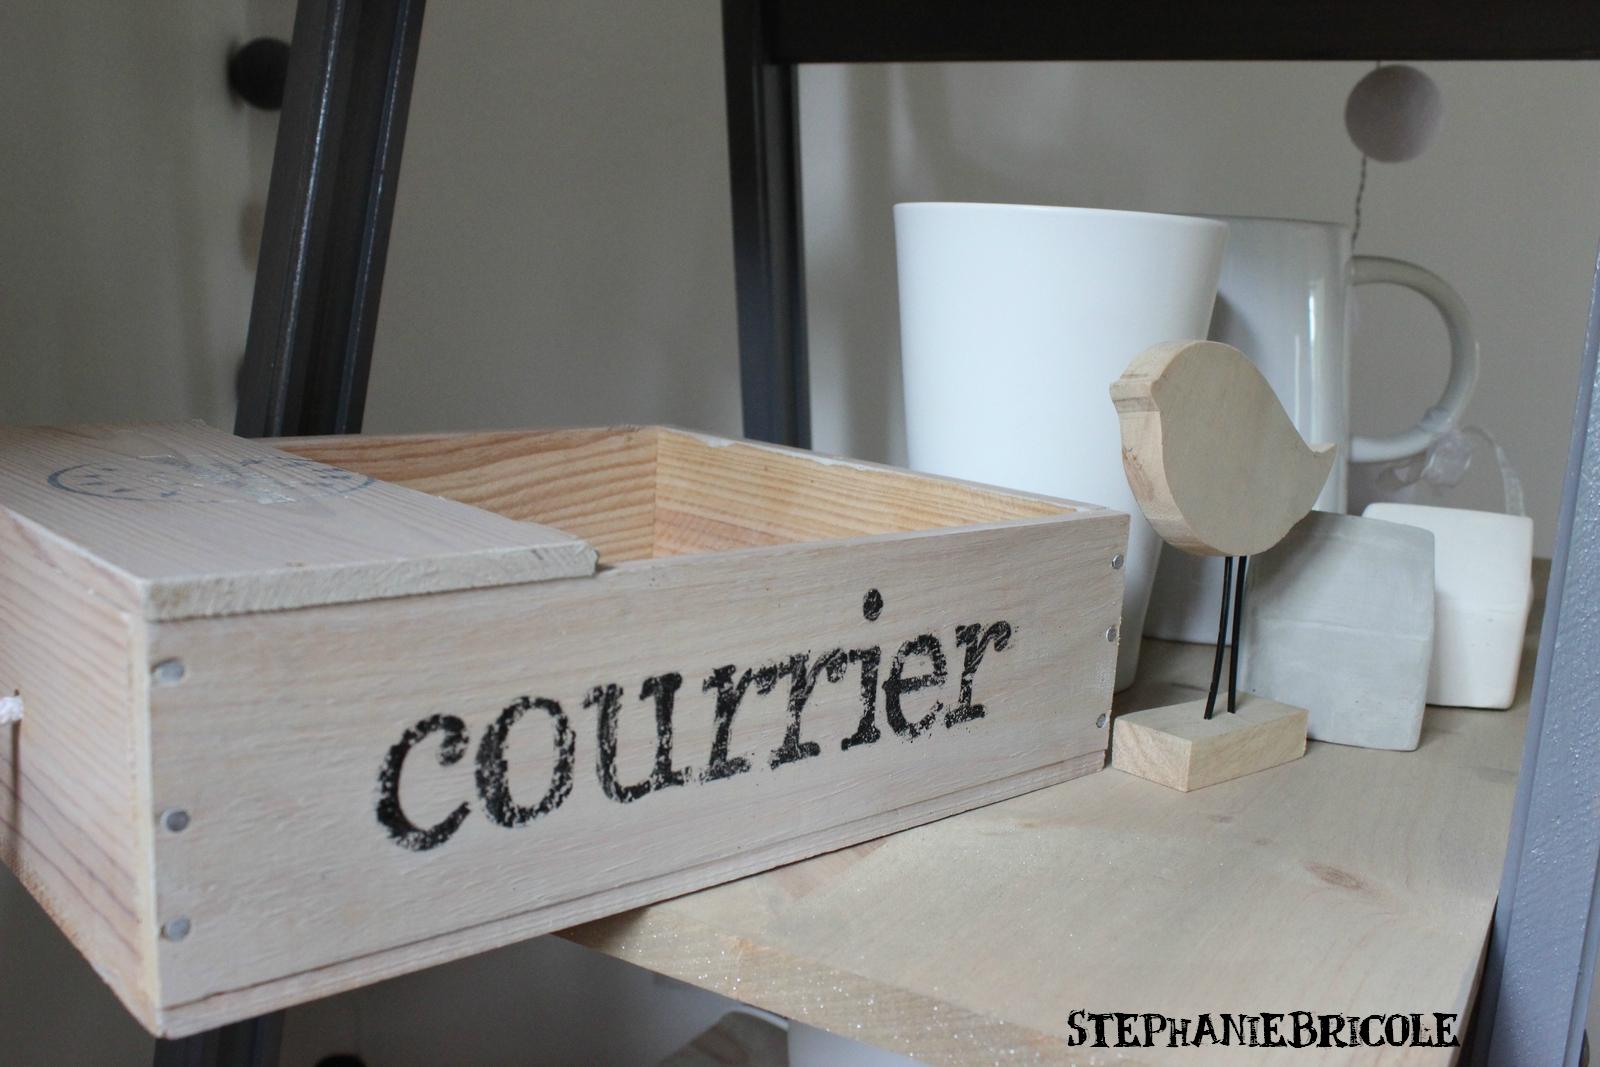 comment transf rer une image sur du bois avec du papier sulfuris st phanie bricole. Black Bedroom Furniture Sets. Home Design Ideas